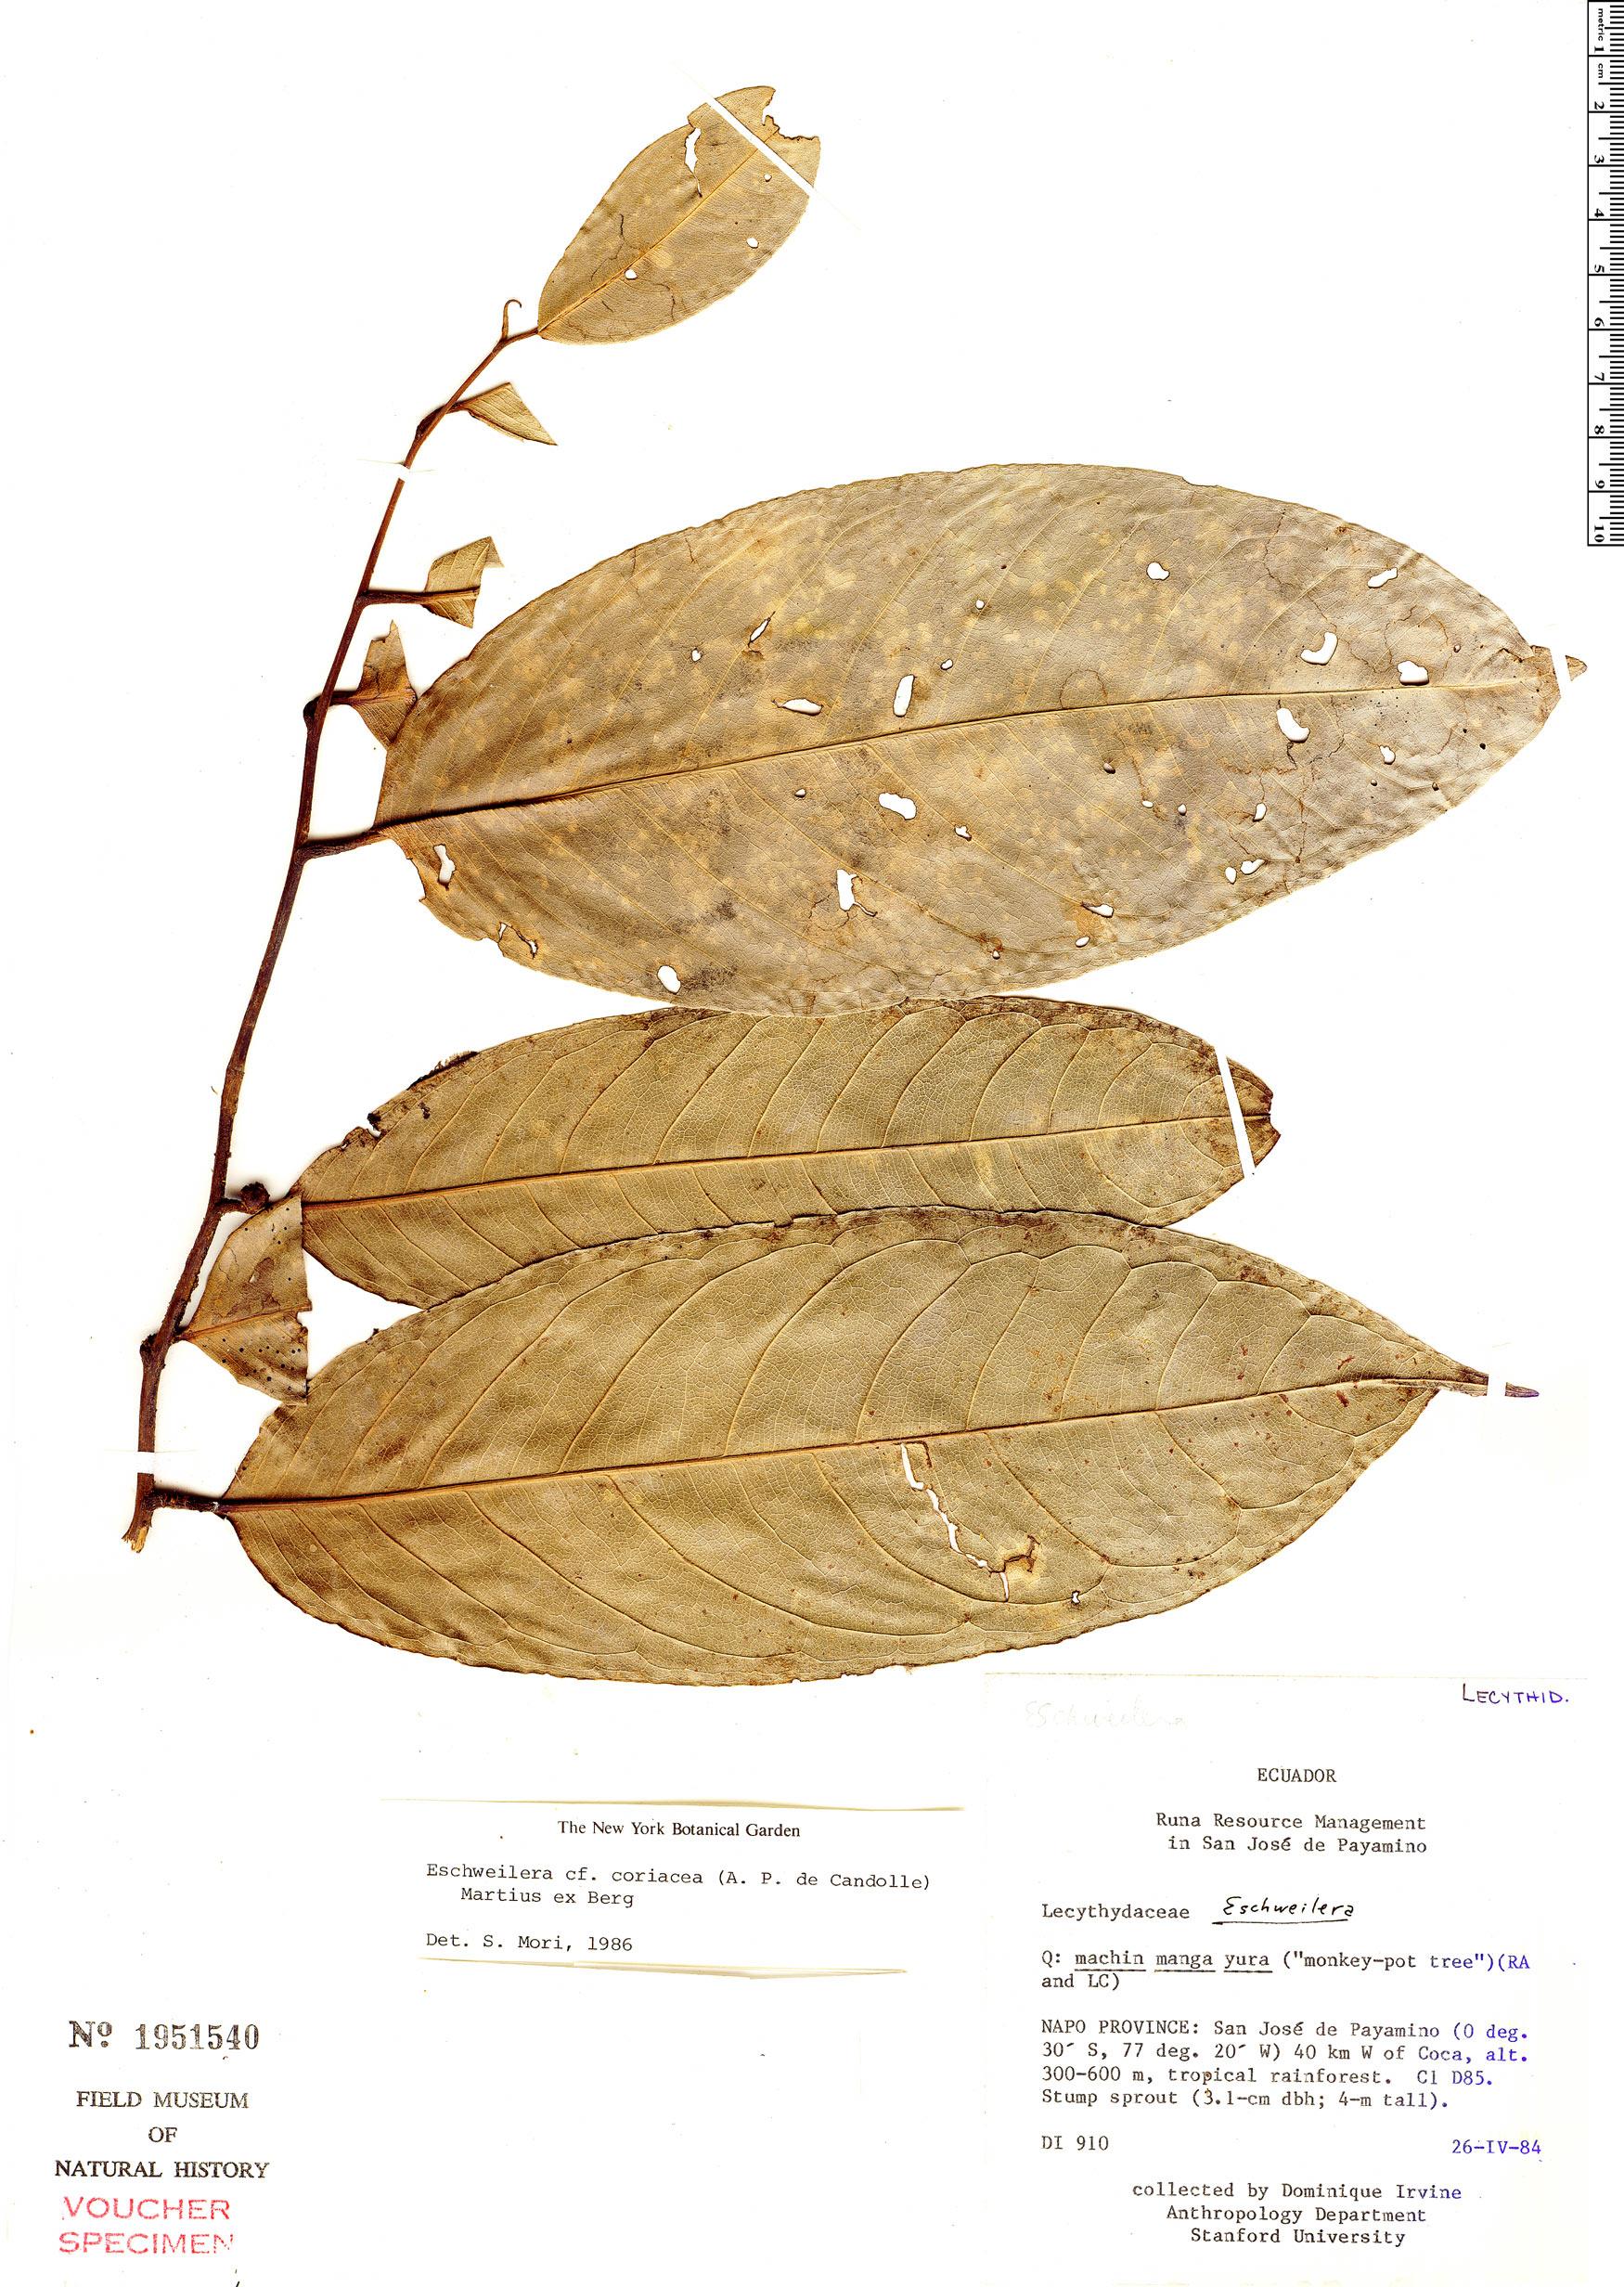 Specimen: Eschweilera coriacea